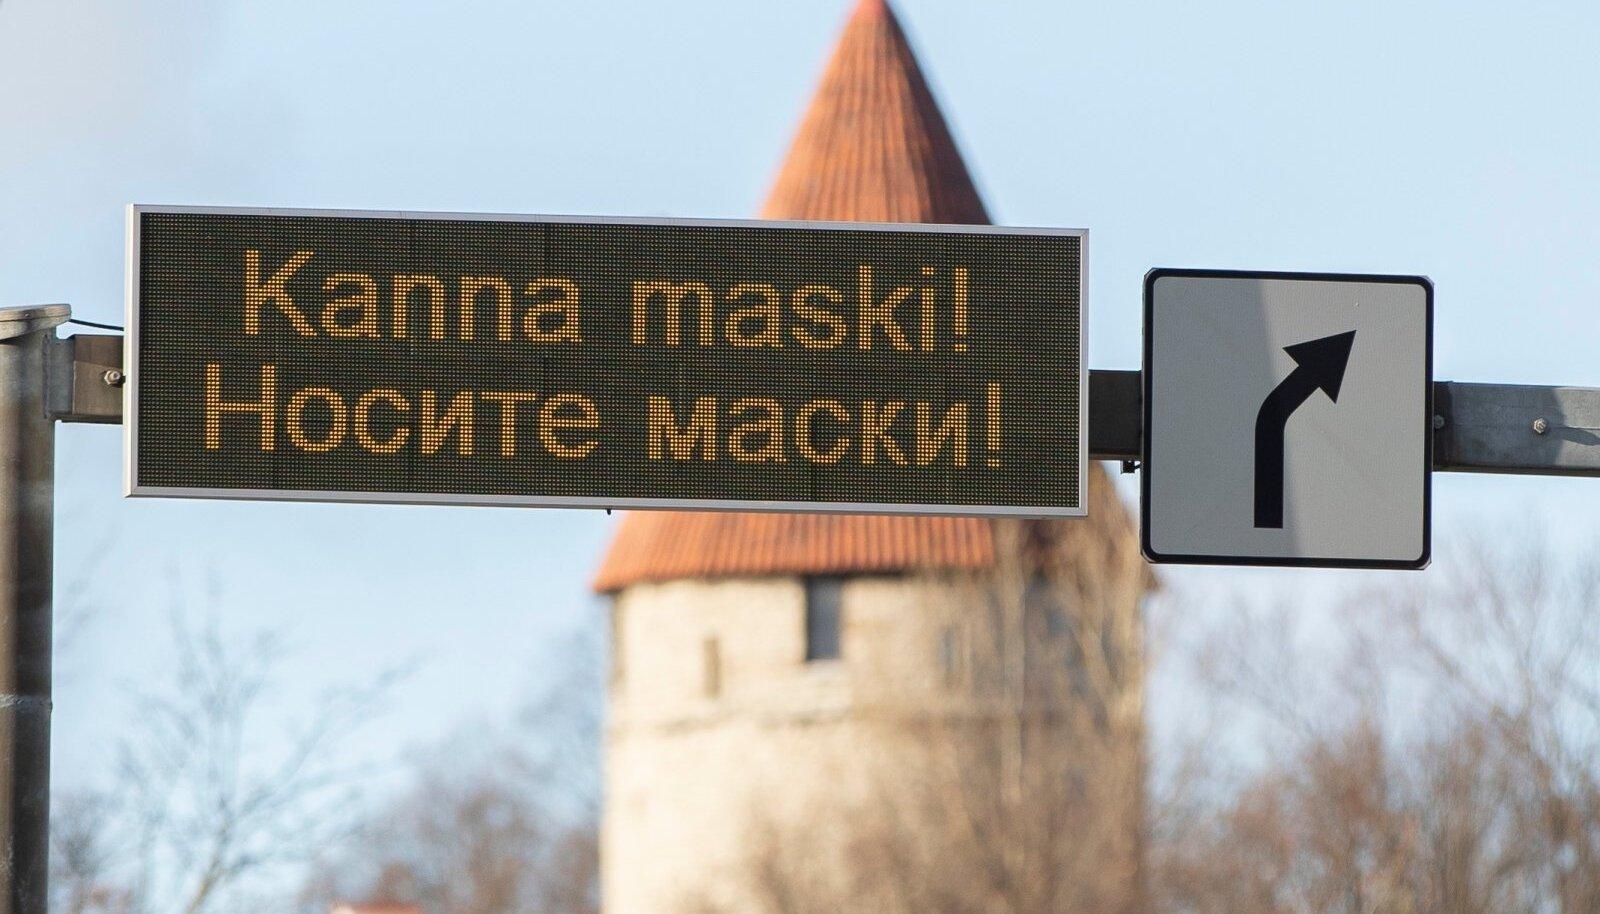 Nõuandev silt Tallinna linnapildis.